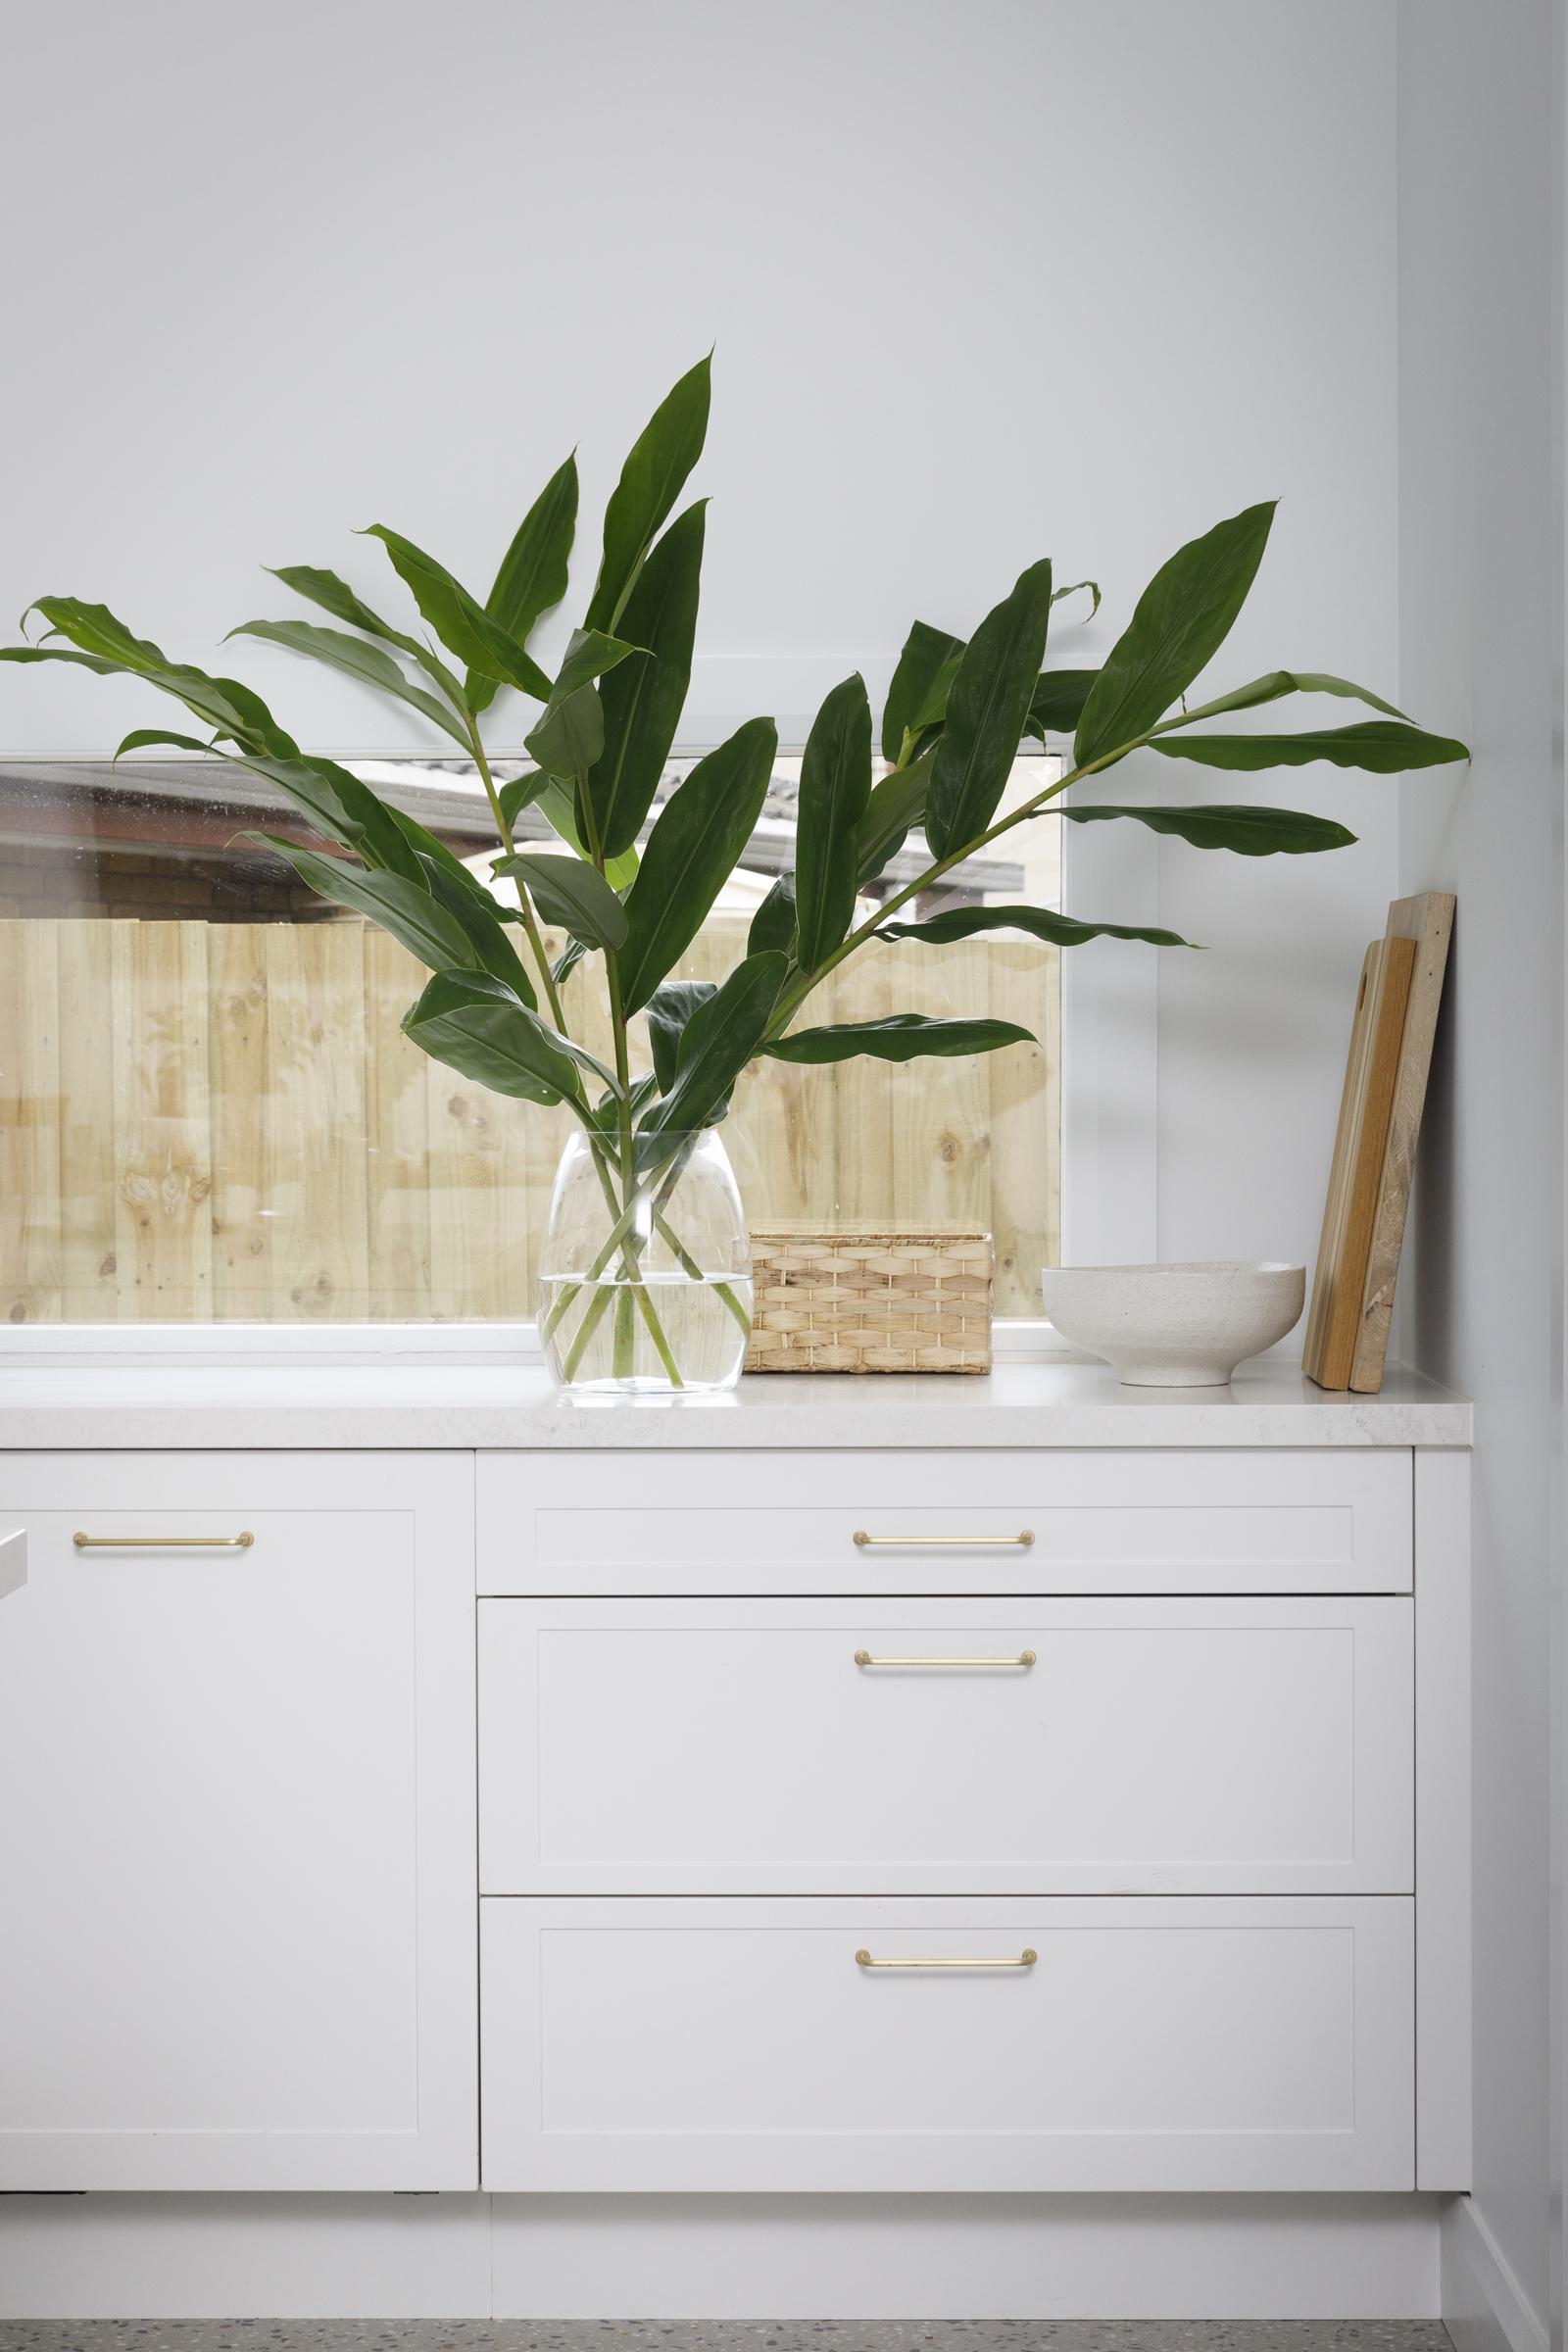 Kitchen Cabinetry - Storage